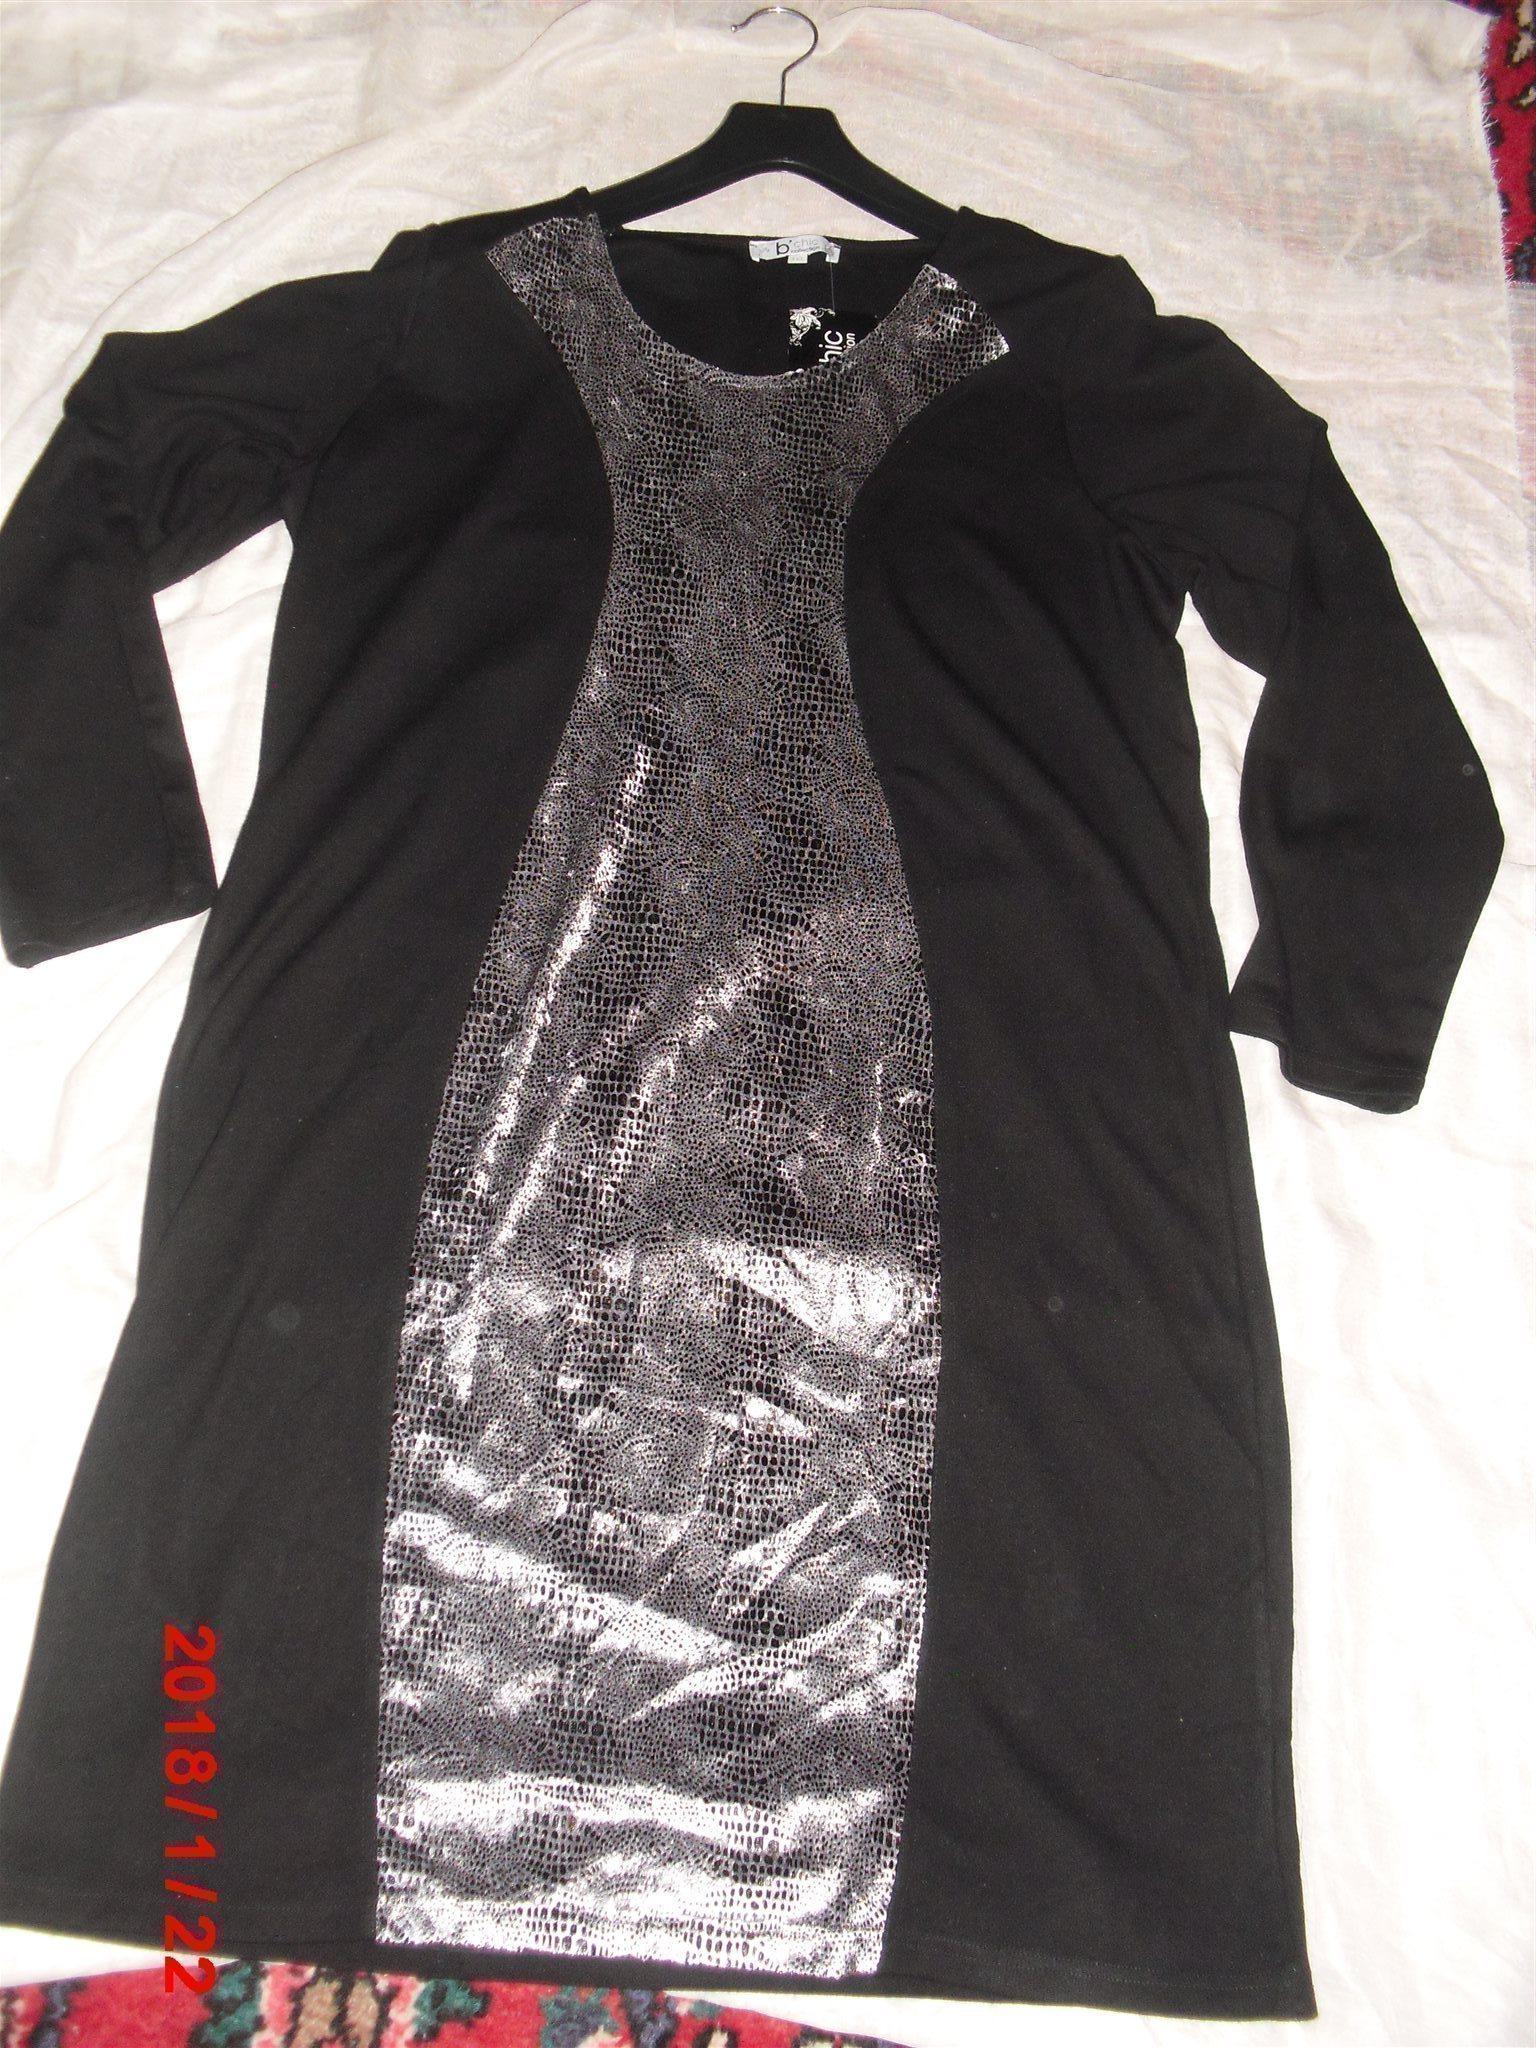 4cc59c5ee9b2 B`chic underbar ny klänning tunika xxl fest ti.. (338427157) ᐈ Köp ...